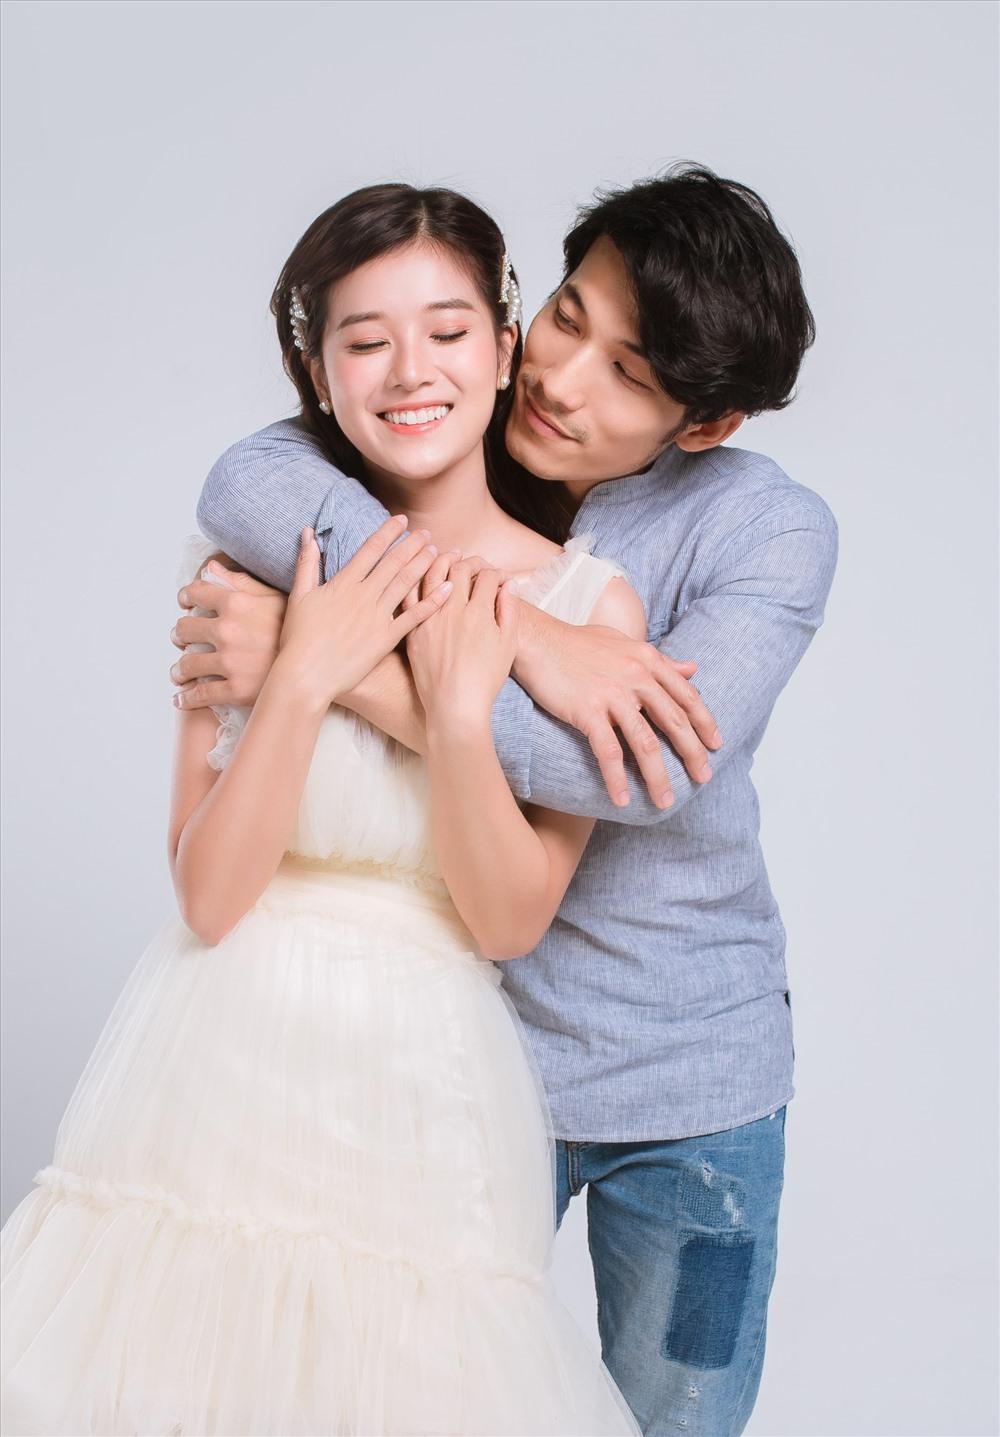 Cặp đôi có khá nhiều điểm trùng hợp trong sự nghiệp điện ảnh của năm qua, khi cùng giành giải Nam - Nữ diễn viên chính xuất sắc tại lễ trao giải Ngôi Sao Xanh, lễ trao giải Cánh Diều, và cùng đại diện Việt Nam tham dự Giải thưởng truyền hình châu Á 2018 tổ chức tại Malaysia.